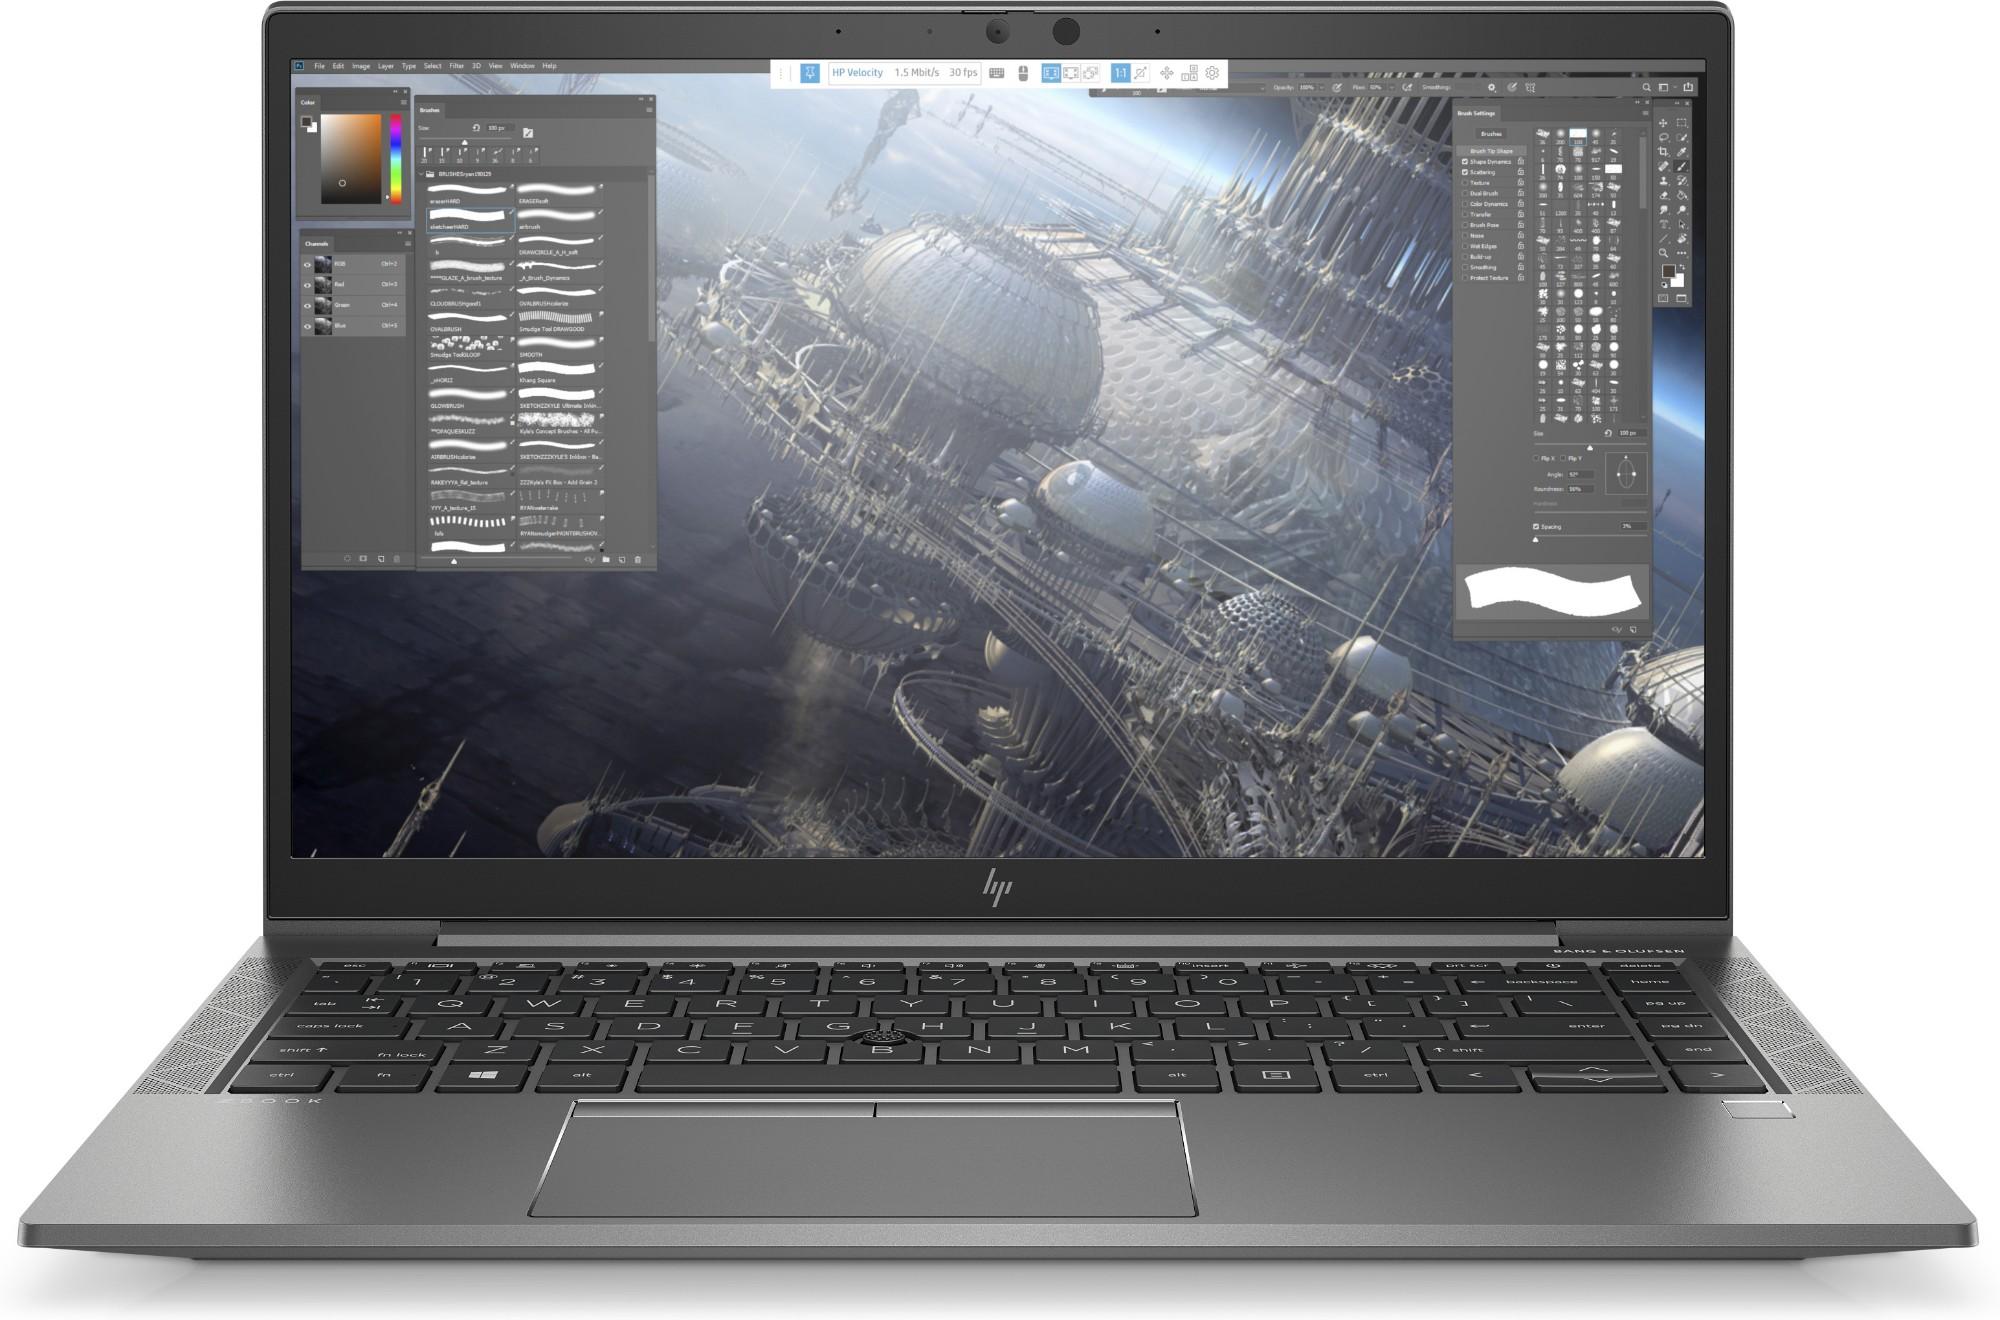 """HP ZBook Firefly 14 G7 Ultra-draagbaar Zilver 35,6 cm (14"""") 1920 x 1080 Pixels Intel® 10de generatie Core™ i7 16 GB DDR4-SDRAM 512 GB SSD NVIDIA Quadro P520 Wi-Fi 6 (802.11ax) Windows 10 Pro for Workstations"""